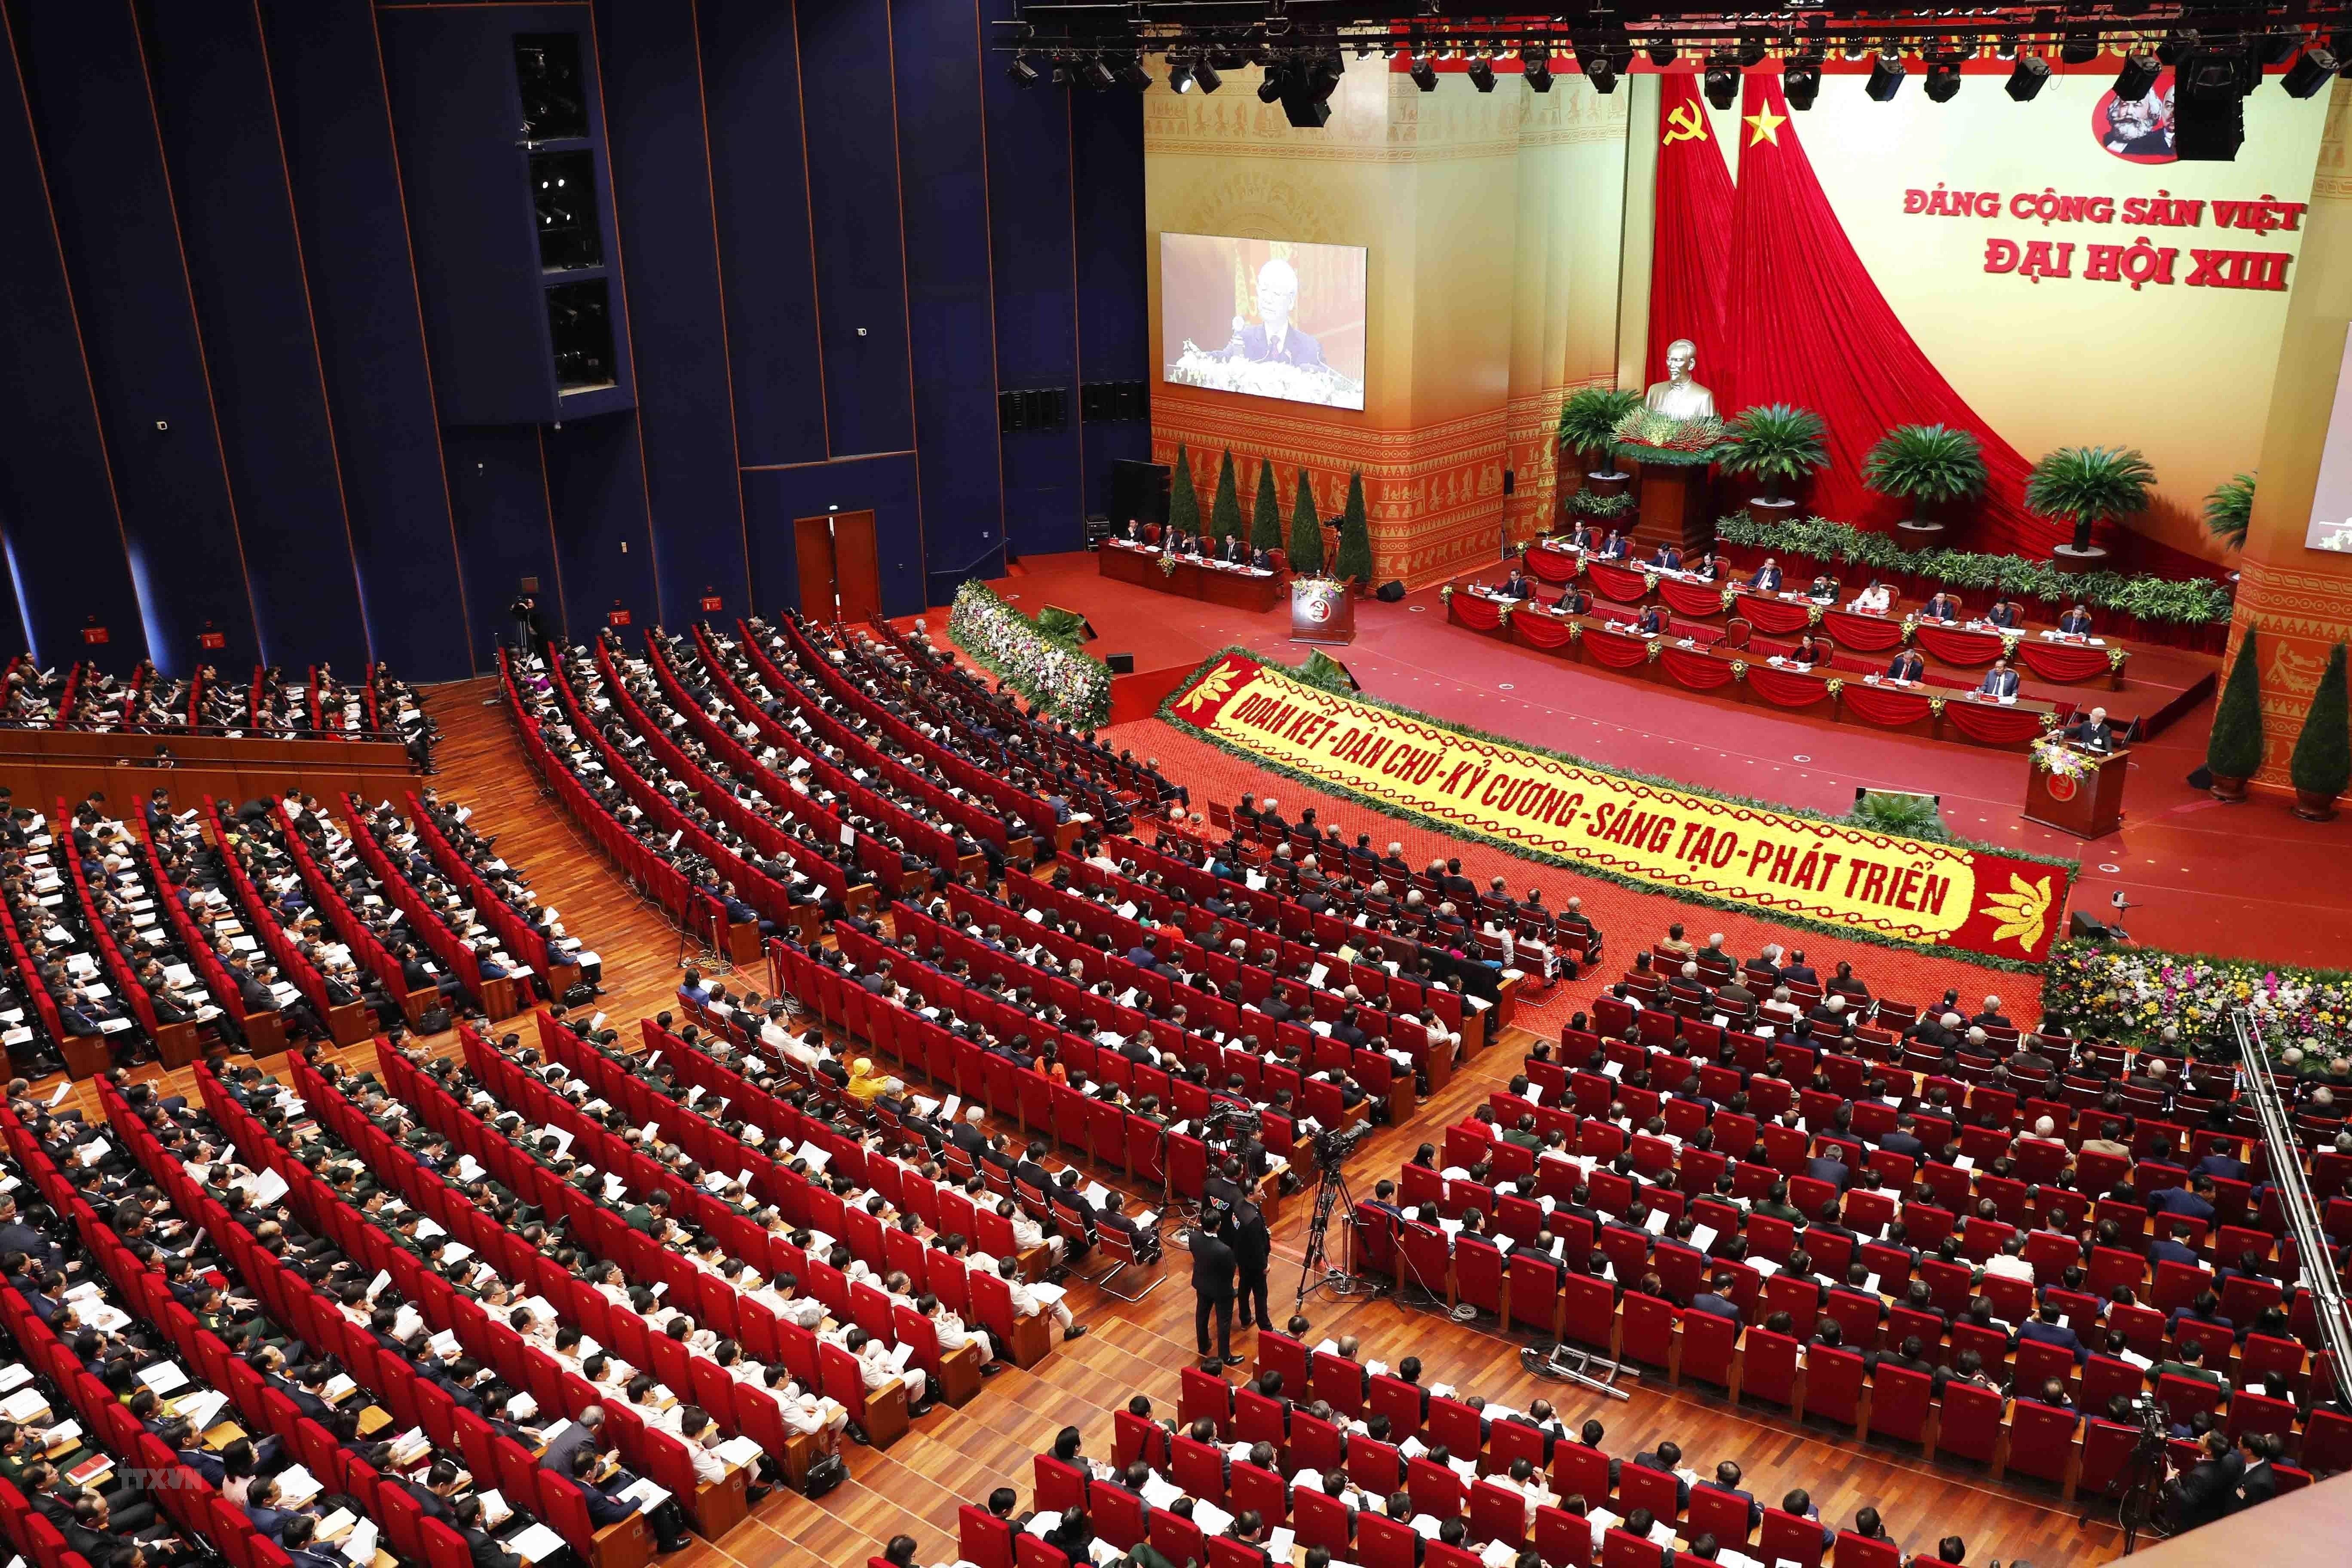 Toàn cảnh phiên khai mạc Đại hội. (Nguồn: TTXVN)